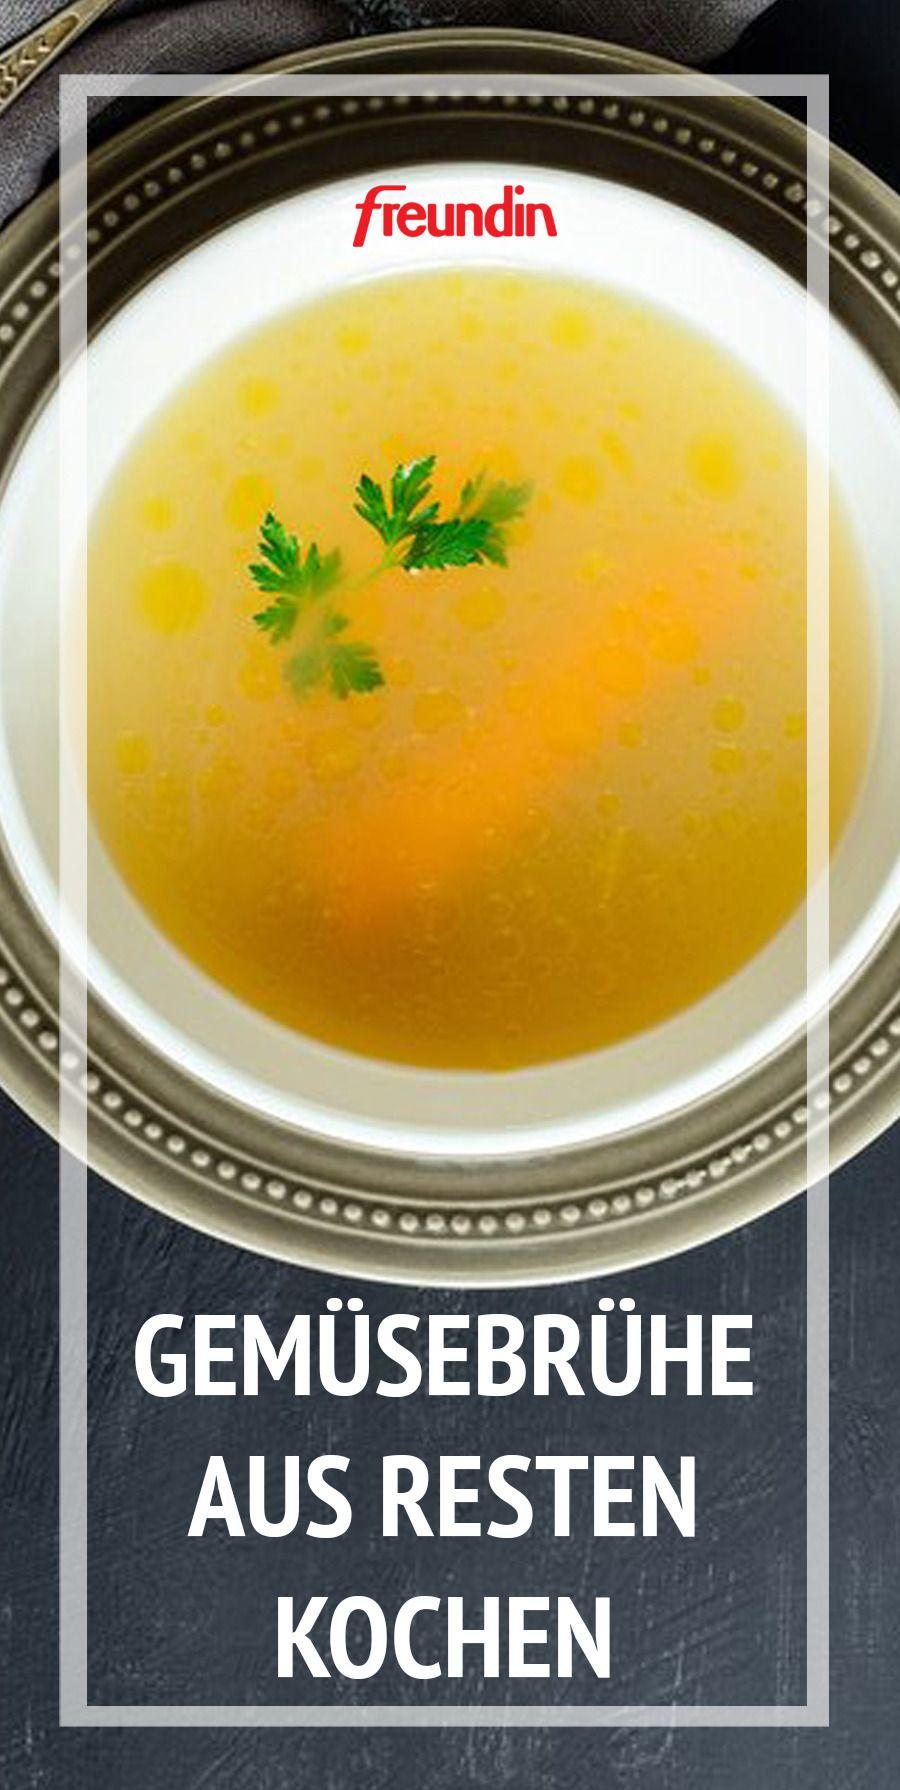 Gemüsebrühe aus Resten selber machen: Rezept | freundin.de